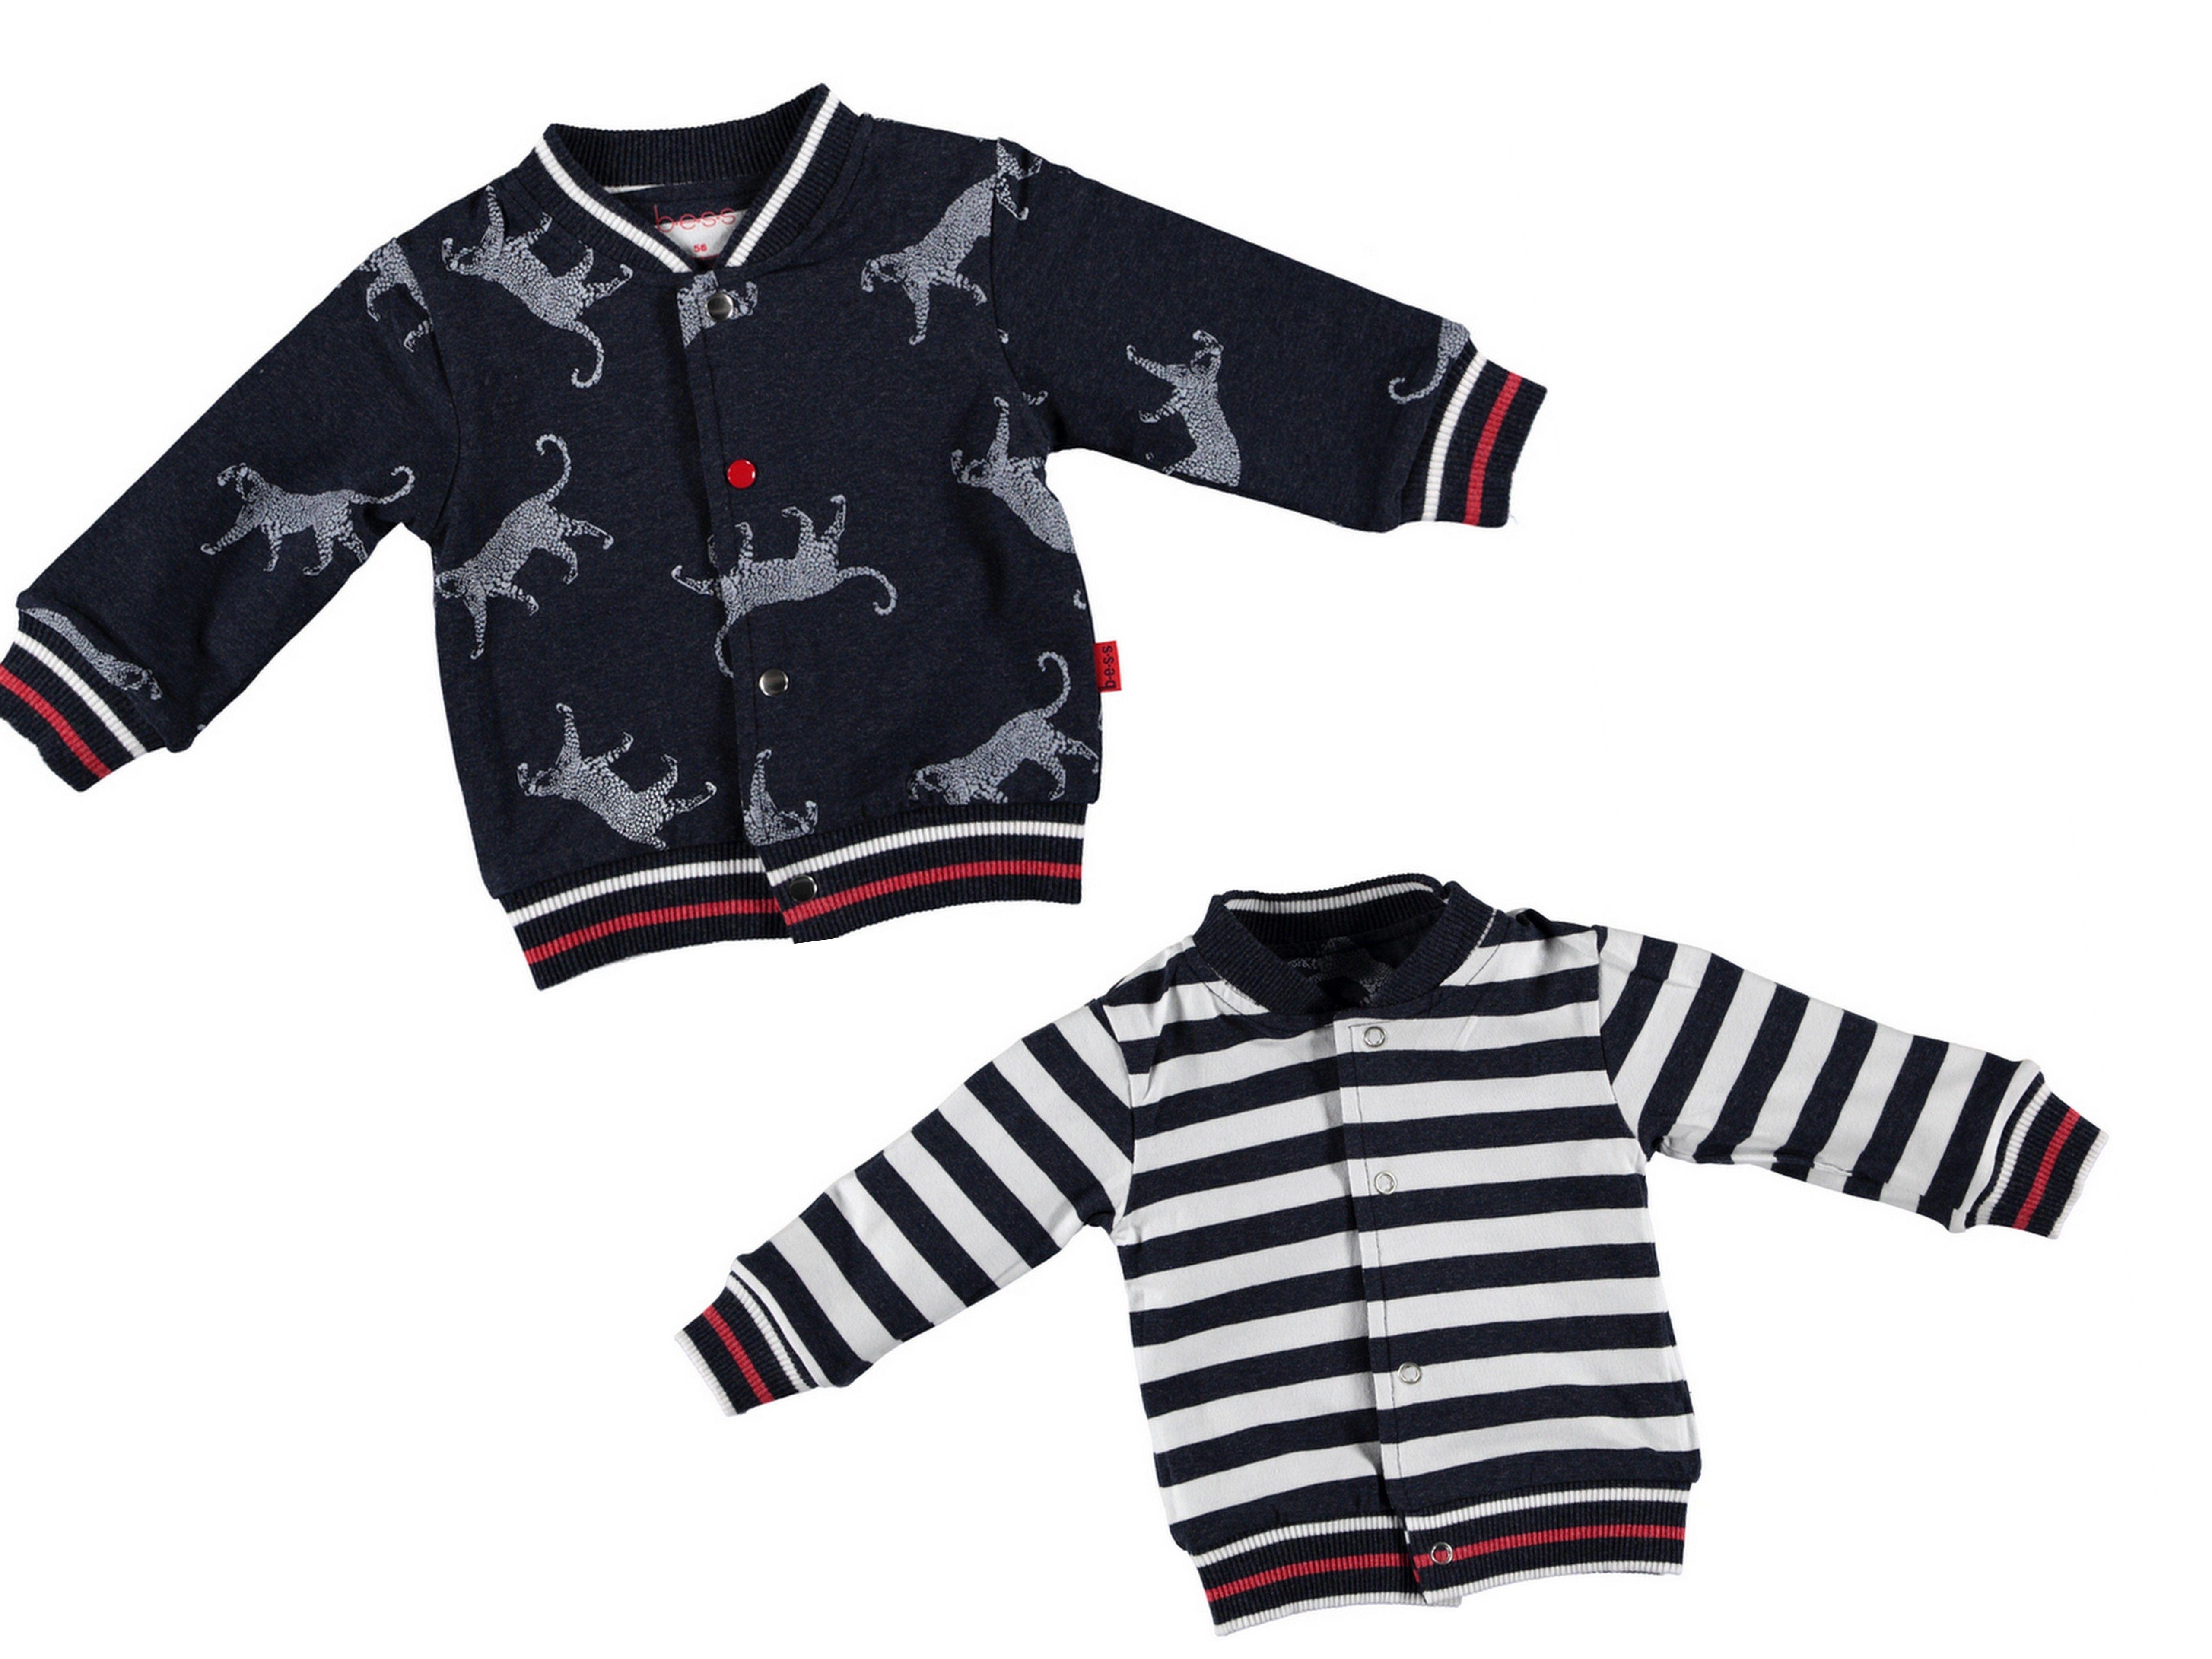 22804bdbb75cfd Hoe praktisch is dit vestje uit de babykleding collectie zomer 2019 van  B.E.S.S. Het vestje kun